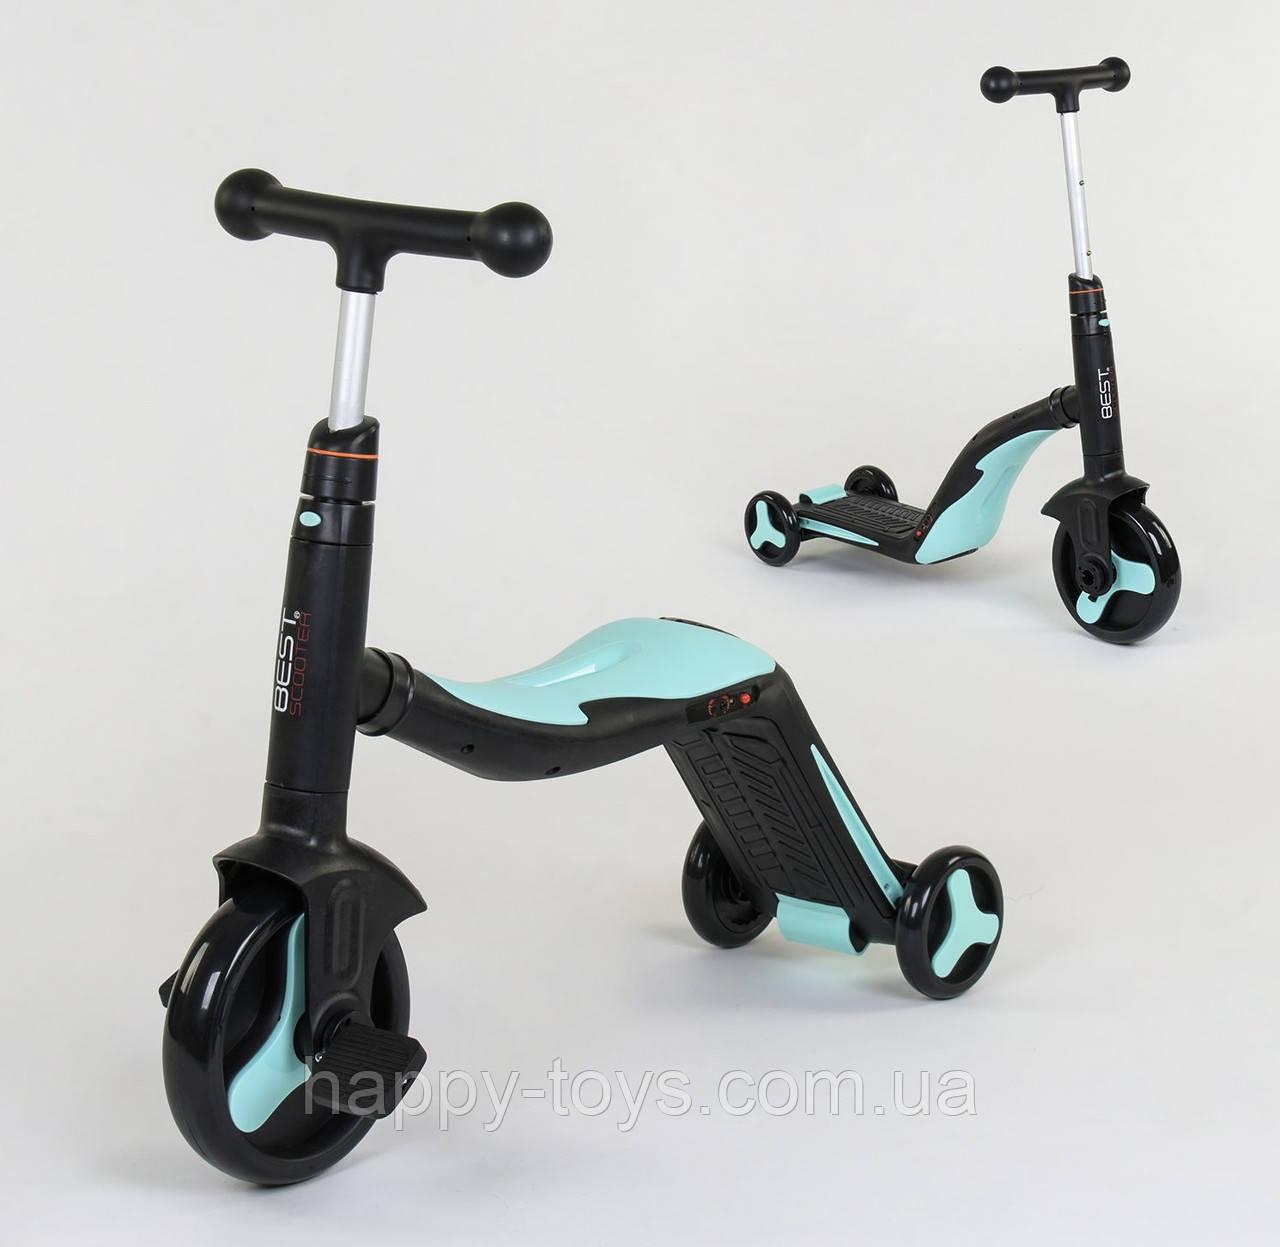 Детский трехколесный Велосипед трансформер 3в1 Голубой Беговел Самокат подсветка музыка Best Scooter JT 20255